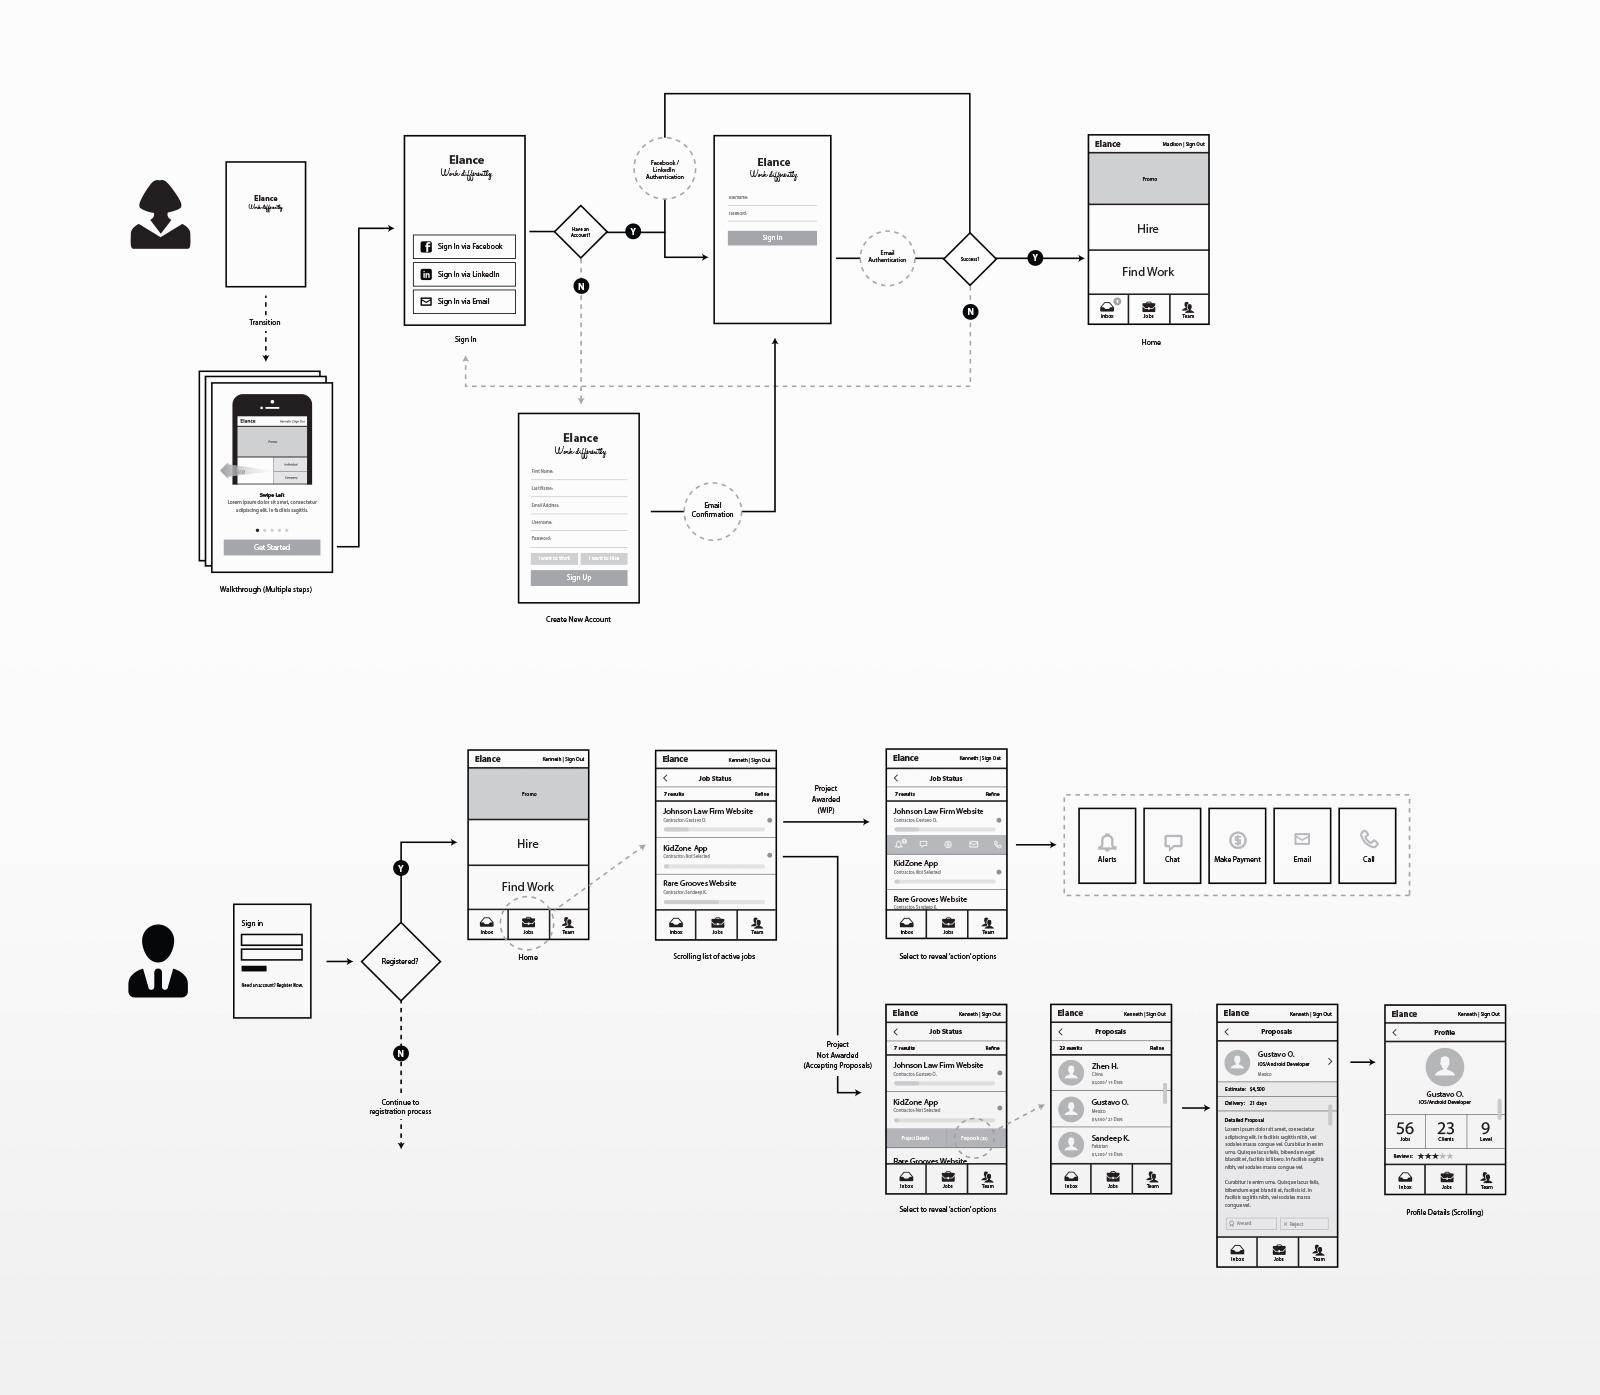 Elance Mobile Concept